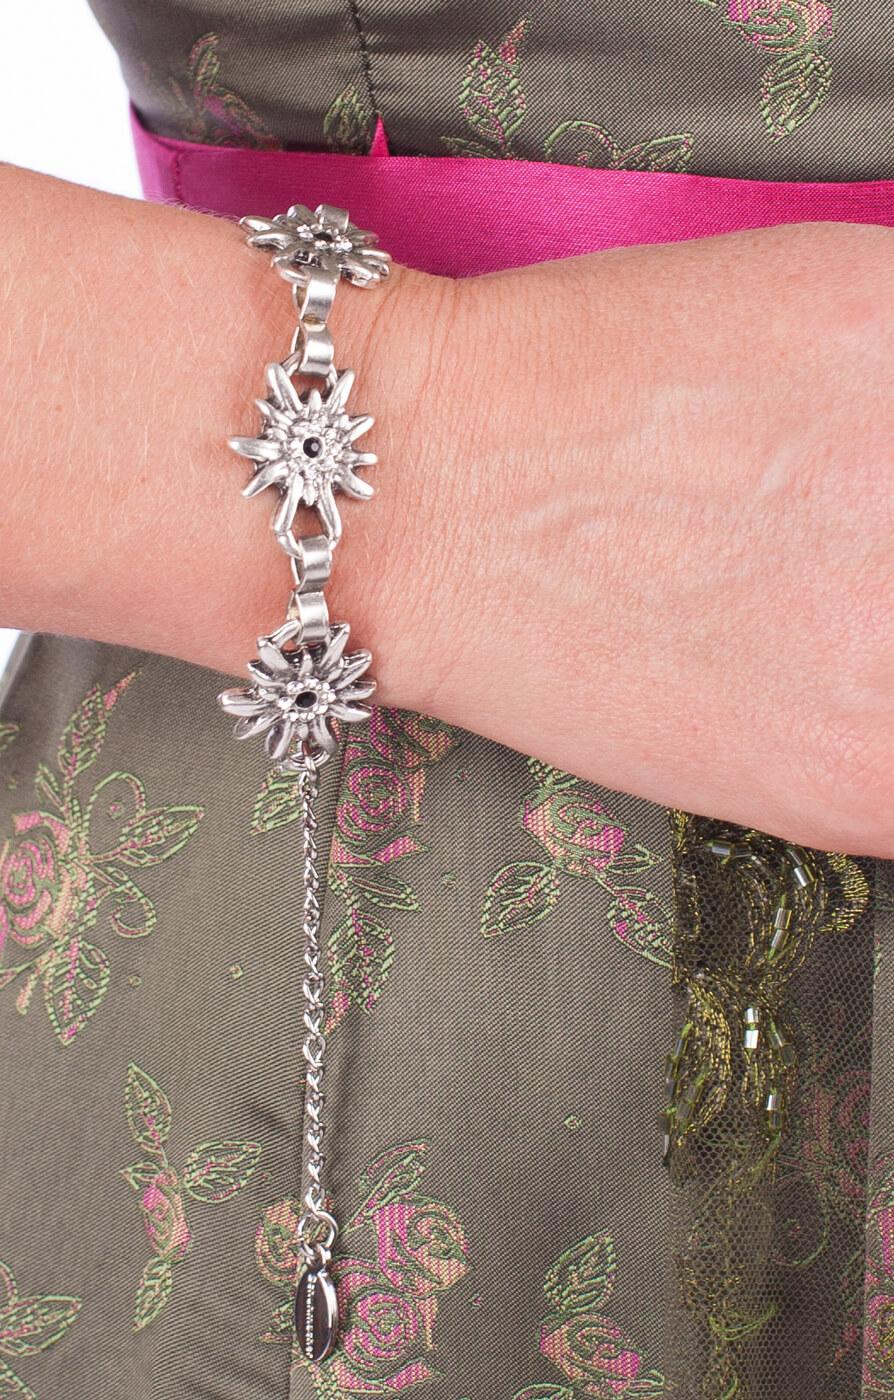 weitere Bilder von Armkette AB9197 EDW mit Steine kristall